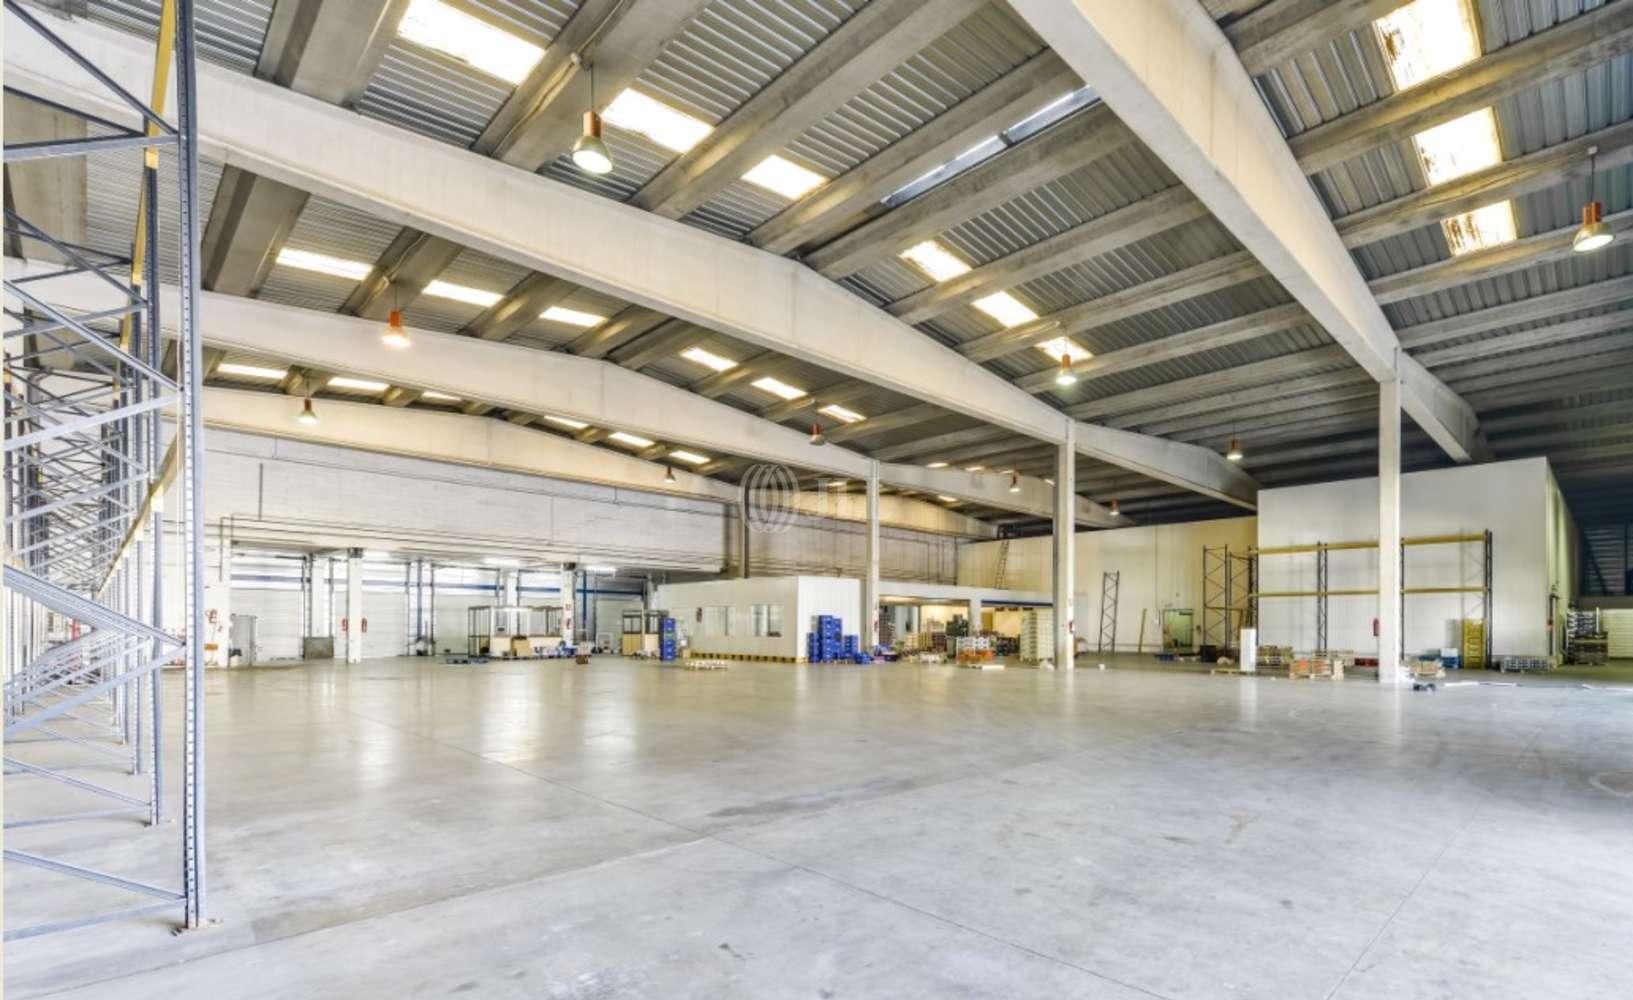 Naves industriales y logísticas Getafe, 28906 - Nave Logistica - M0338 - CLA GETAFE